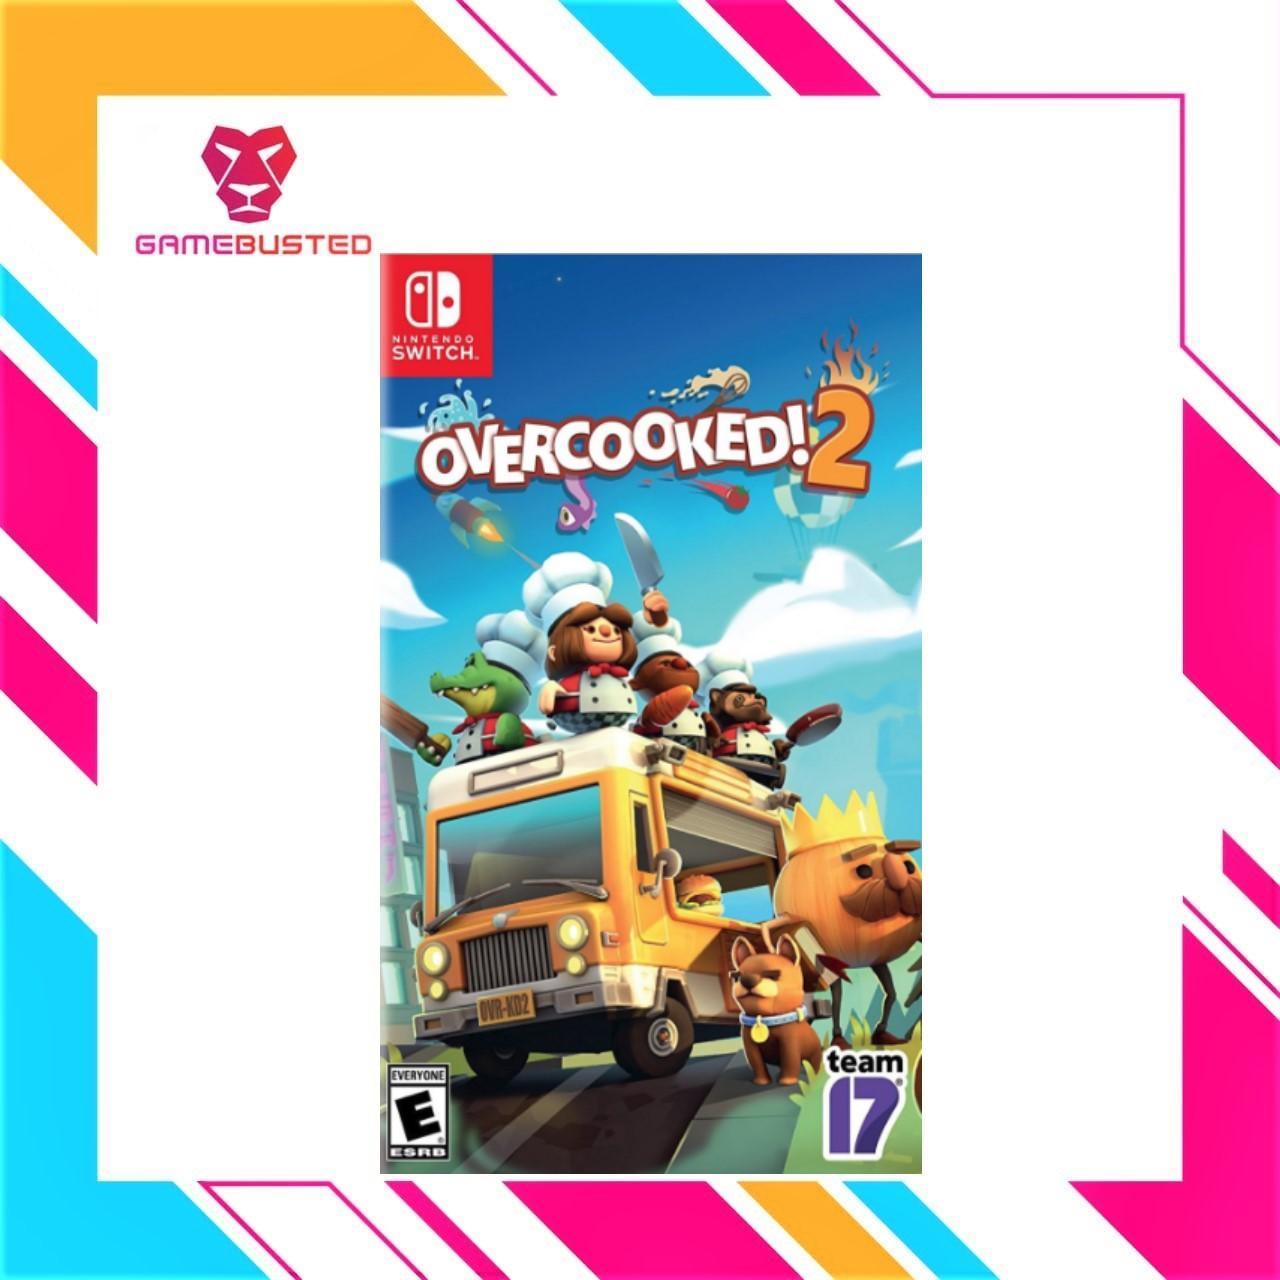 Nintendo Switch Overcooked 2